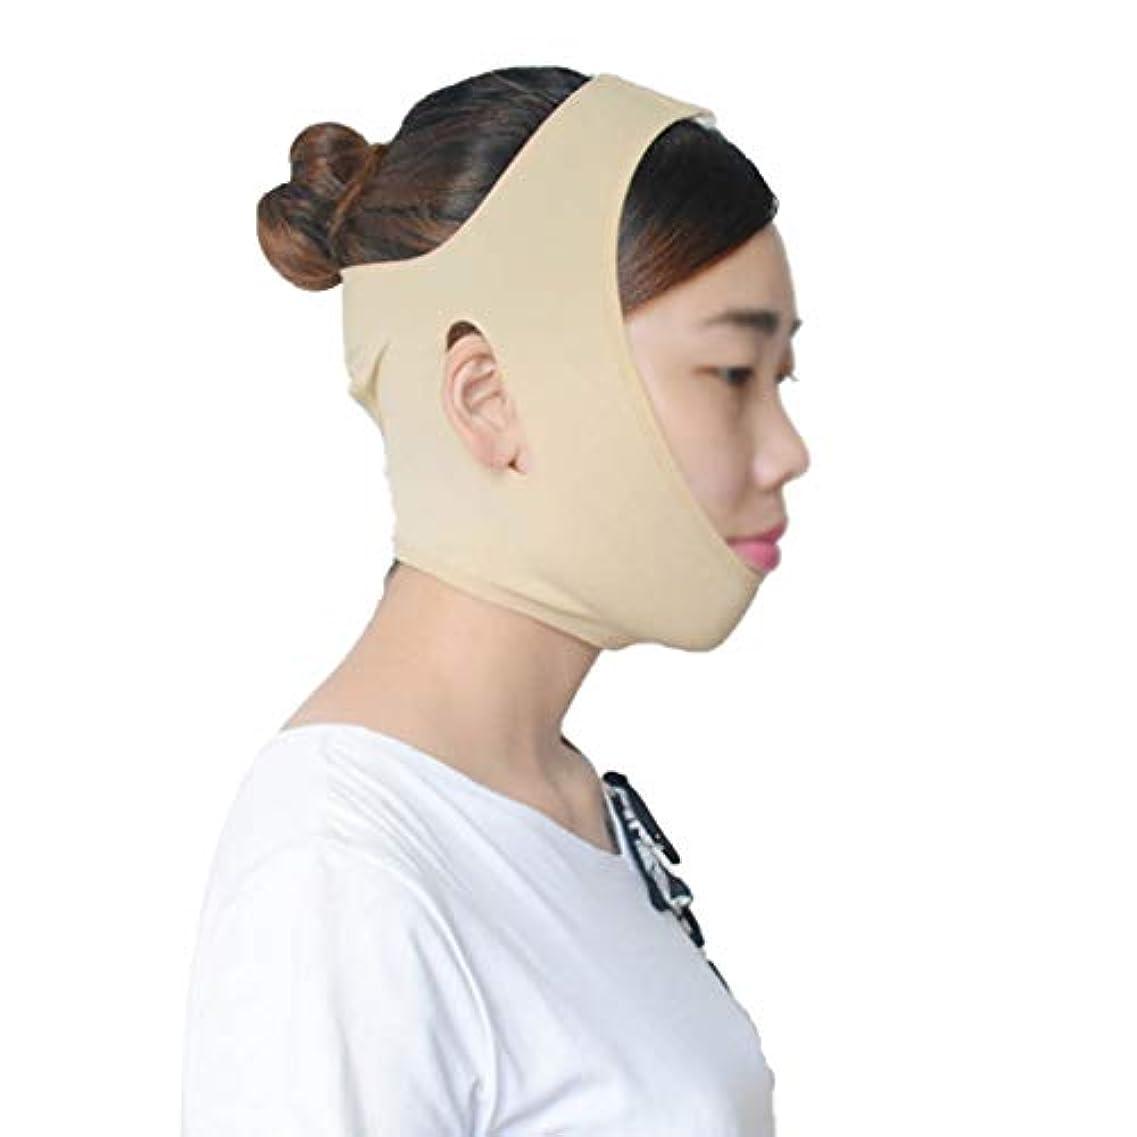 自我受け入れるシンジケート引き締めフェイスマスク、フェイスリフトマスク強力なフェイスリフティングツールフェイスビューティフェイスリフティングフェイスマスク引き締めフェイスリフティングフェイスリフティングフェイスリフティング包帯 (Size : L)